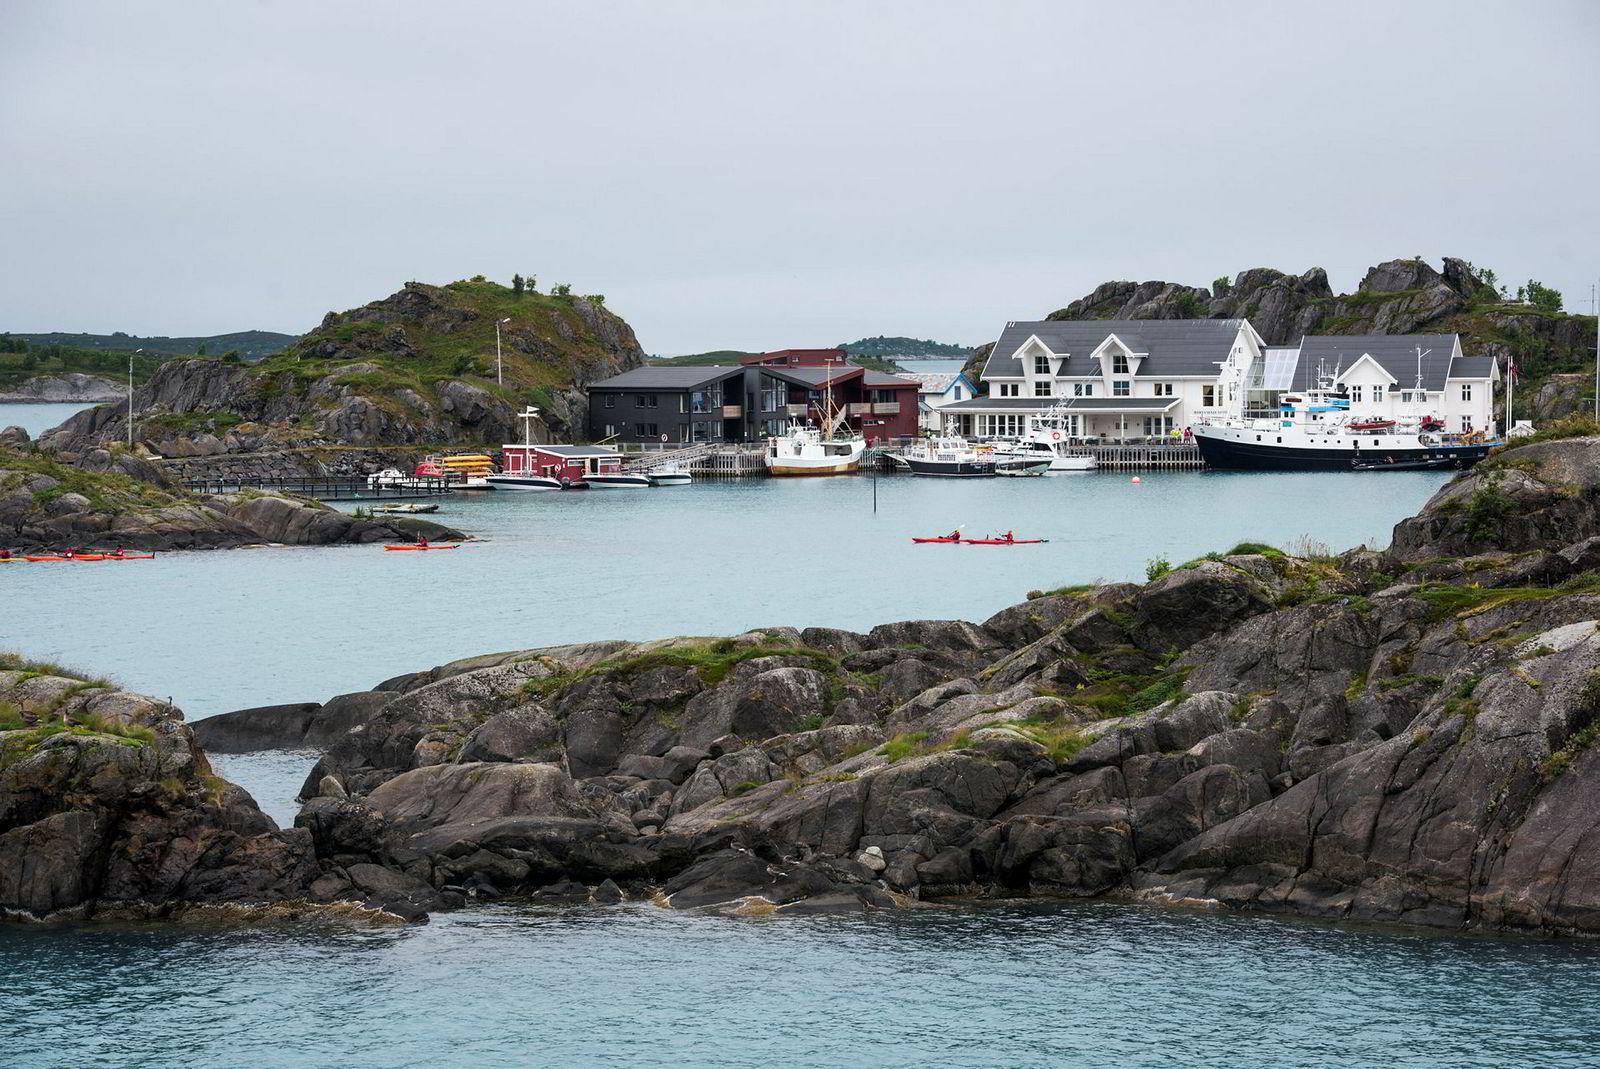 Ytterst på Senja har reiselivsgründer Ole Henning Fredriksen bygget opp et hotell som har spesialisert seg aktivitetsturisme. Mellom 100 holmer og sylspisse fjell kan turistene klatre, dykke, rafte, fiske og padle til korallhvite strender i turkisblått hav, og komme tett på havørn og monsterkveiter.